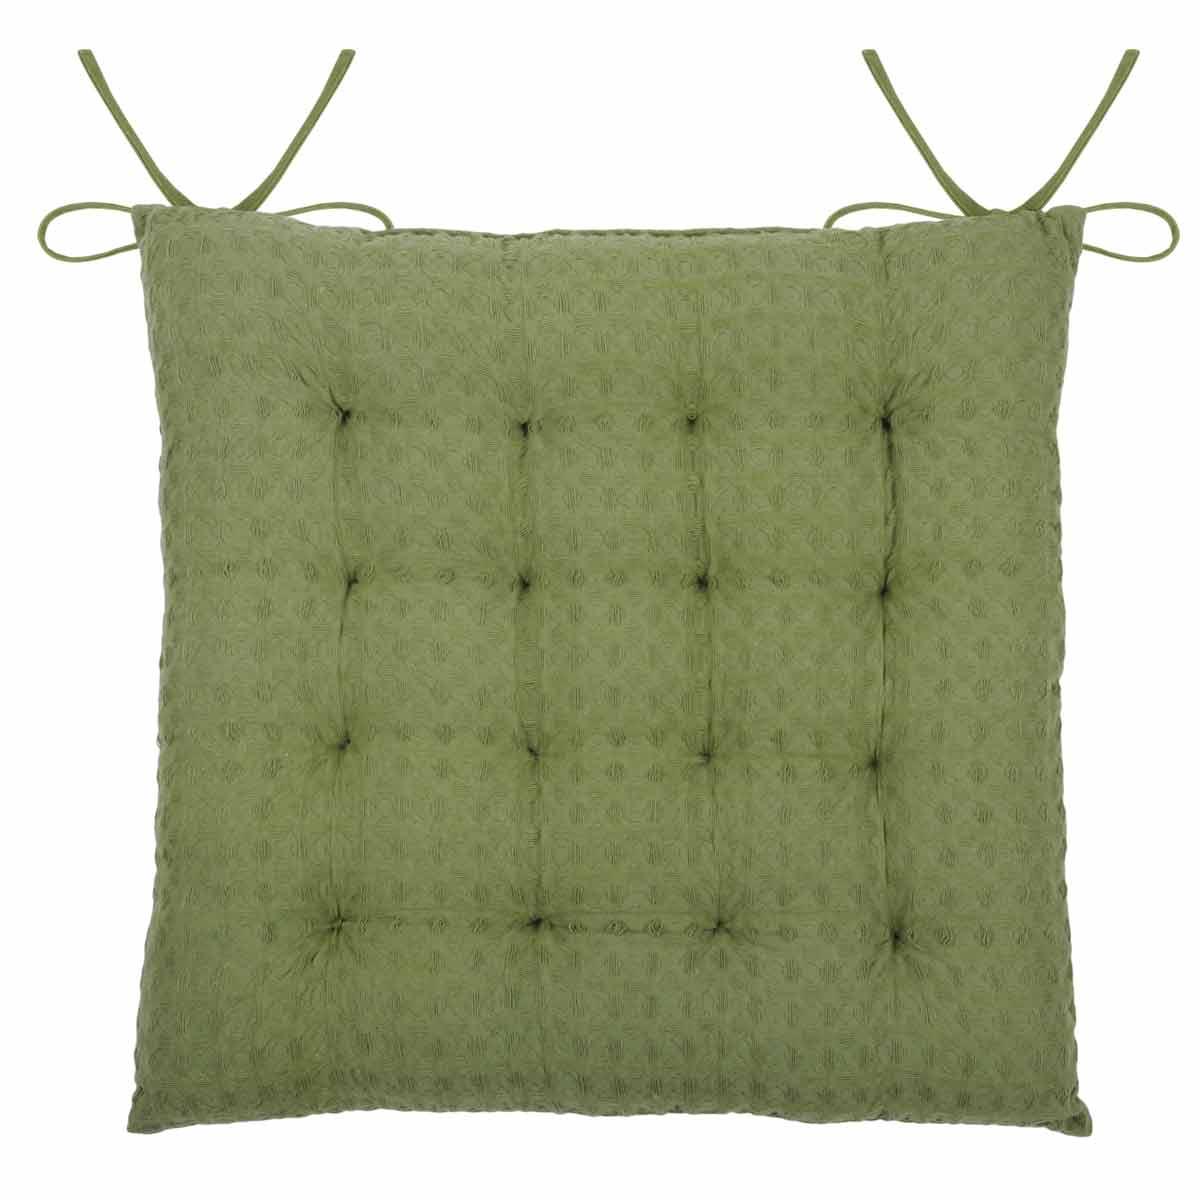 Galette de chaise matelassée en nid d'abeille coton kaki 40x40